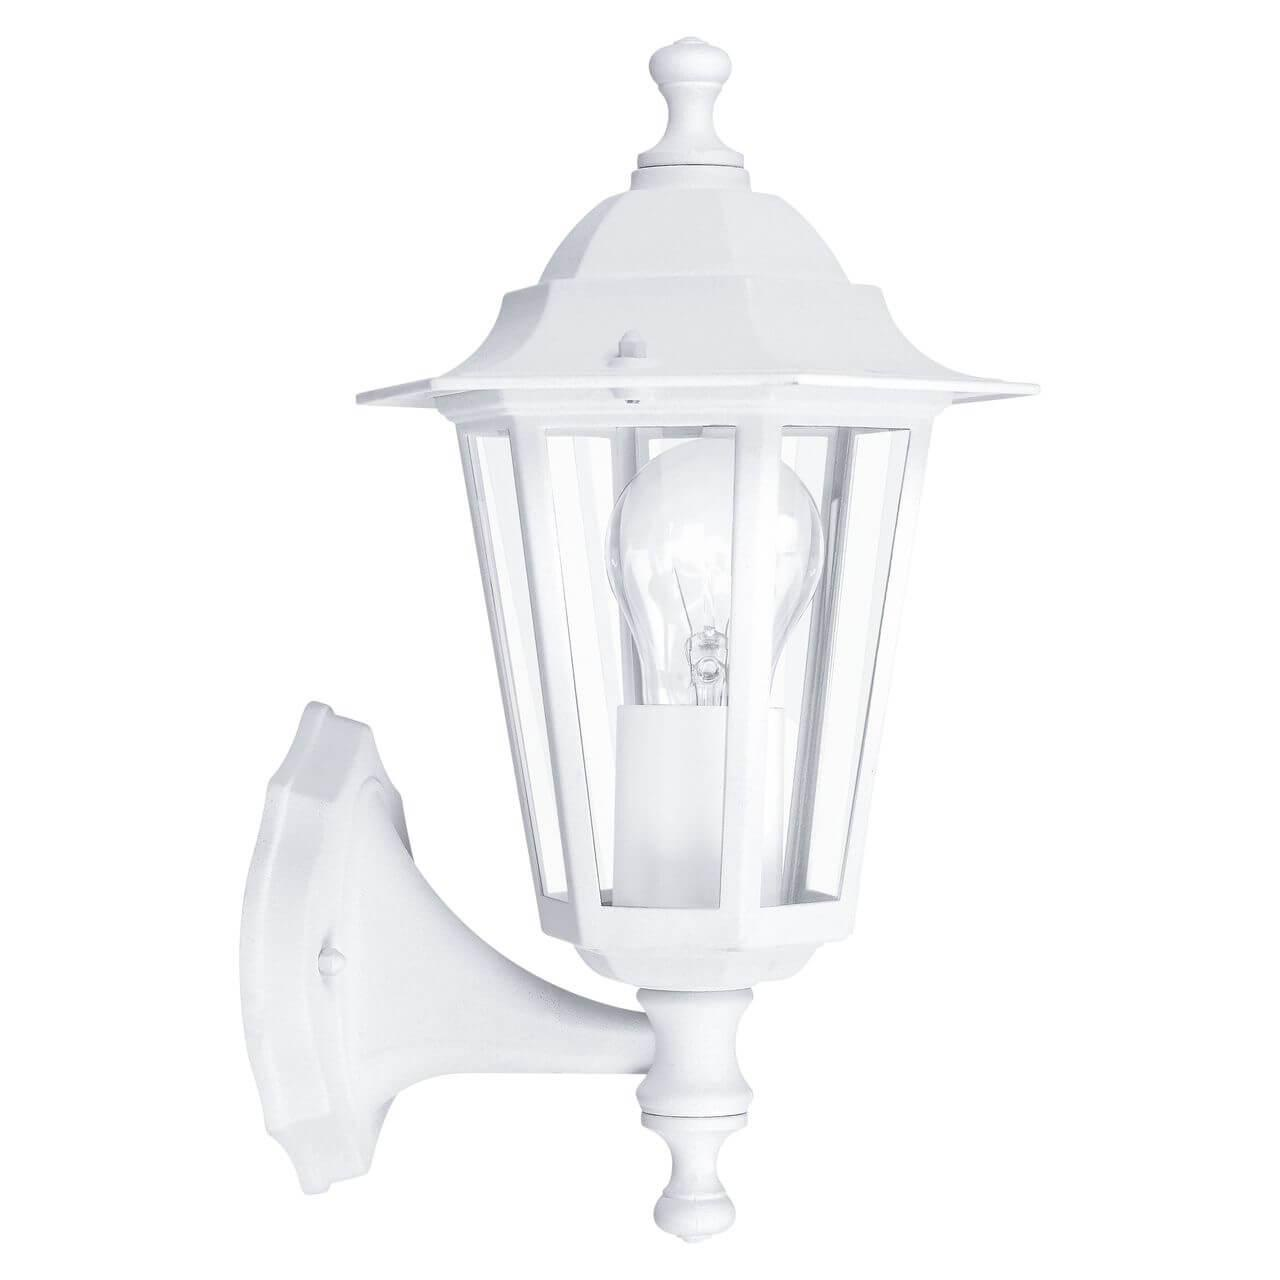 Уличный светильник Eglo 22463, E27 eglo уличный настенный светильник eglo laterna 7 3376